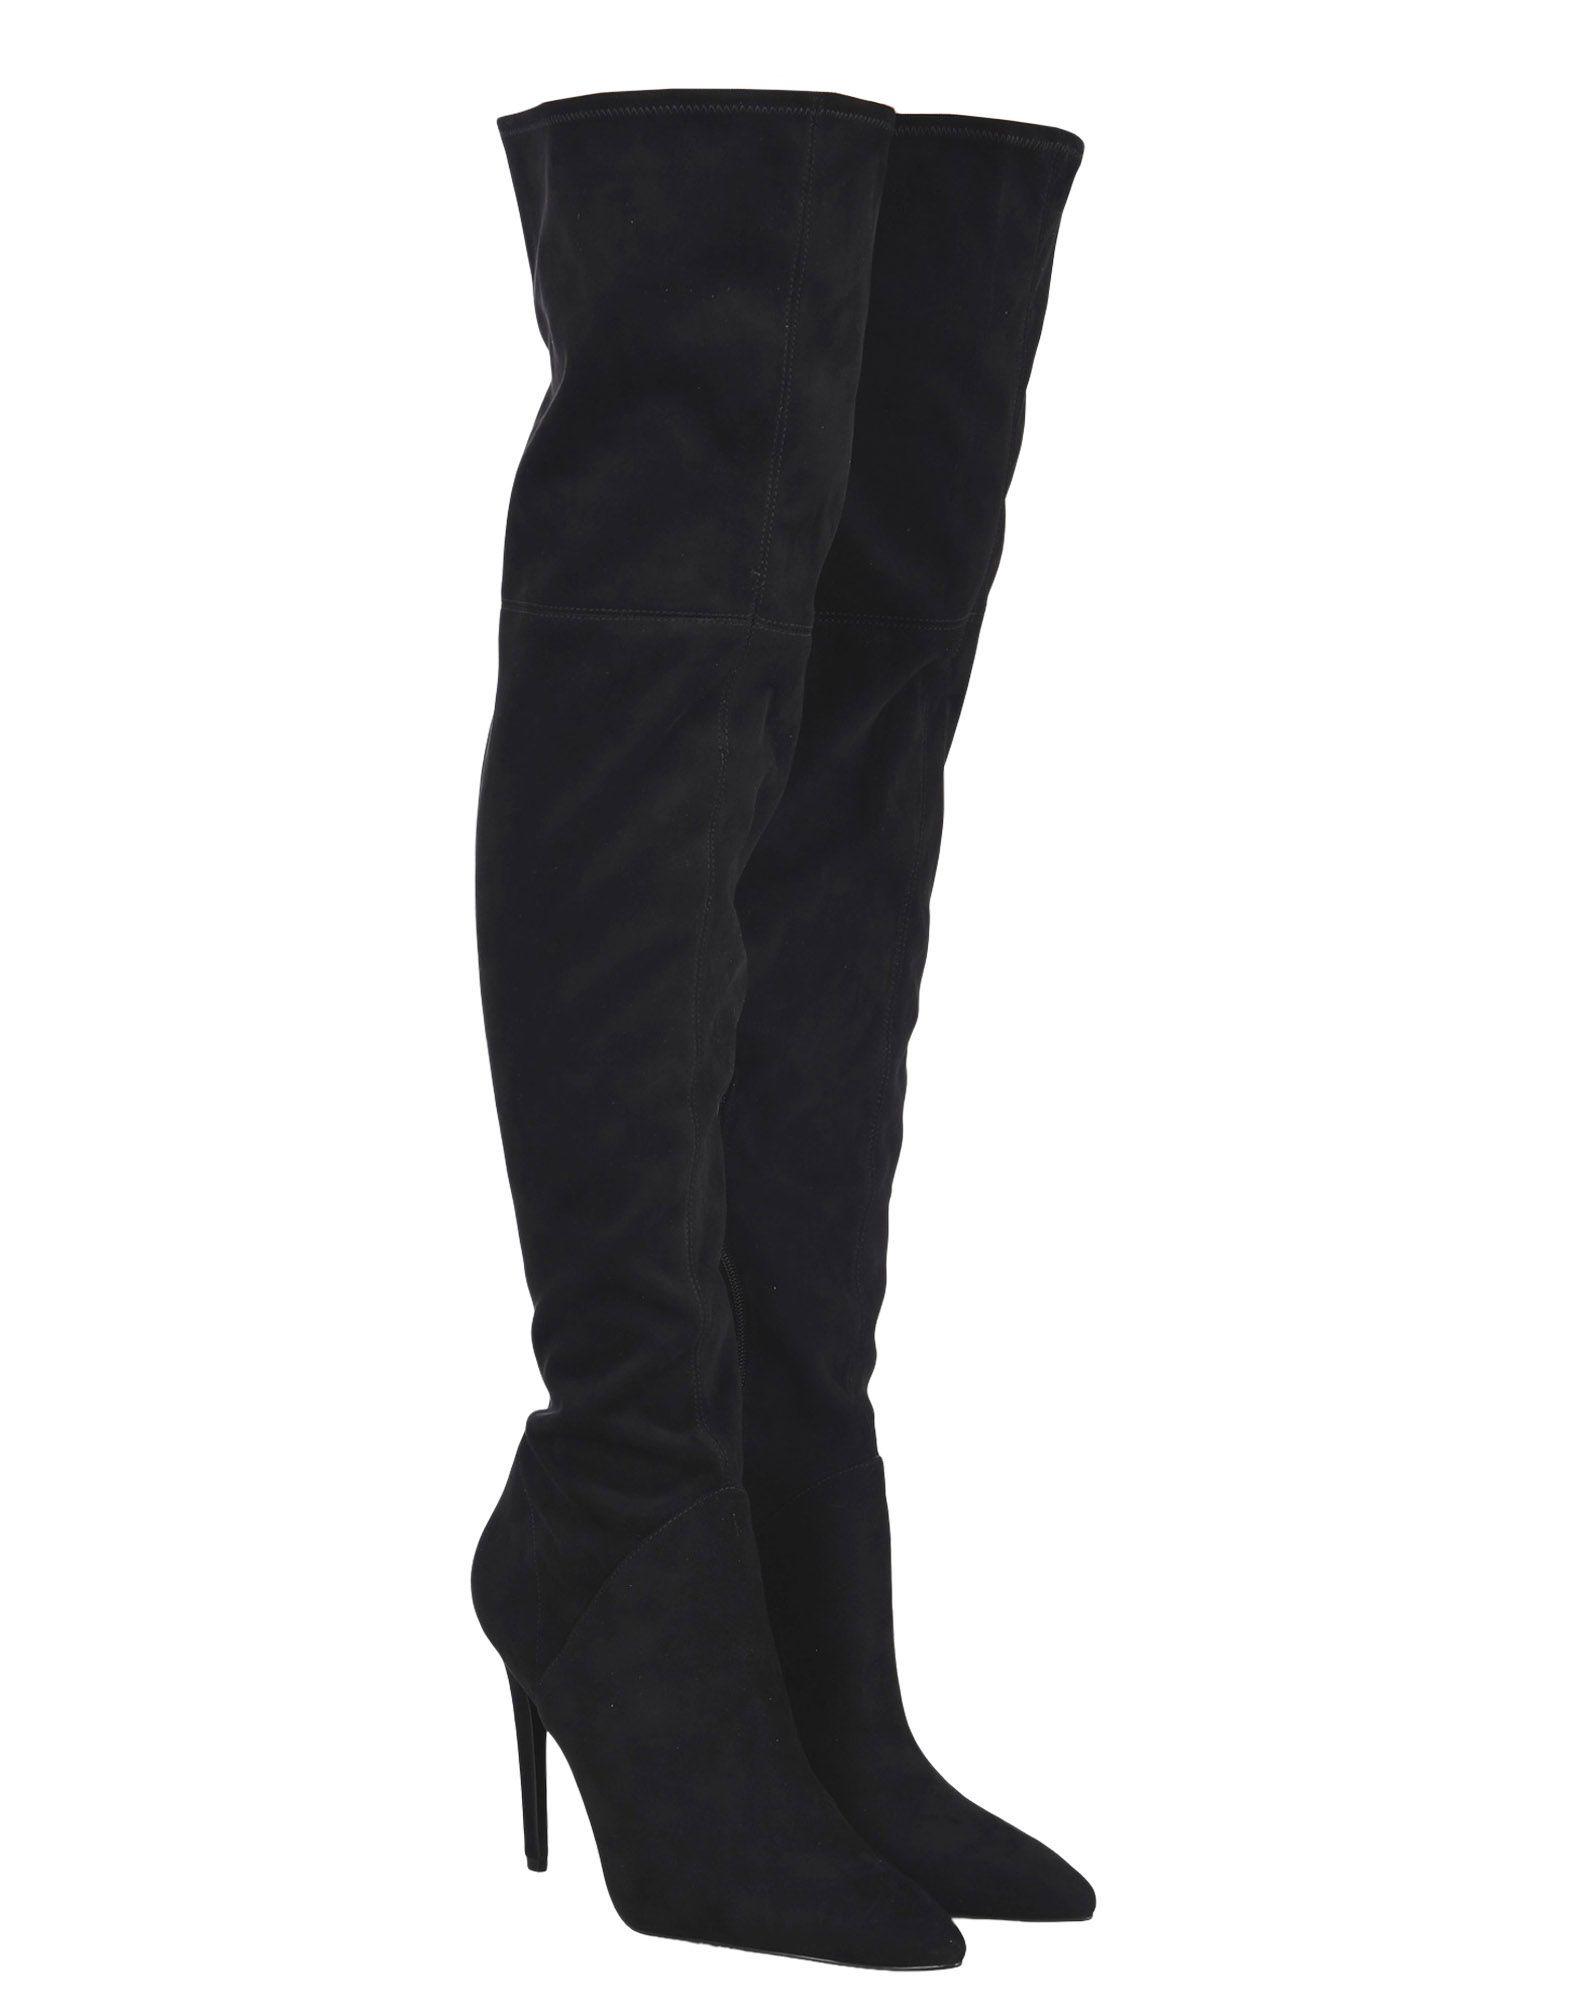 Kendall + Neue Kylie Stiefel Damen  11324151WD Neue + Schuhe 566339